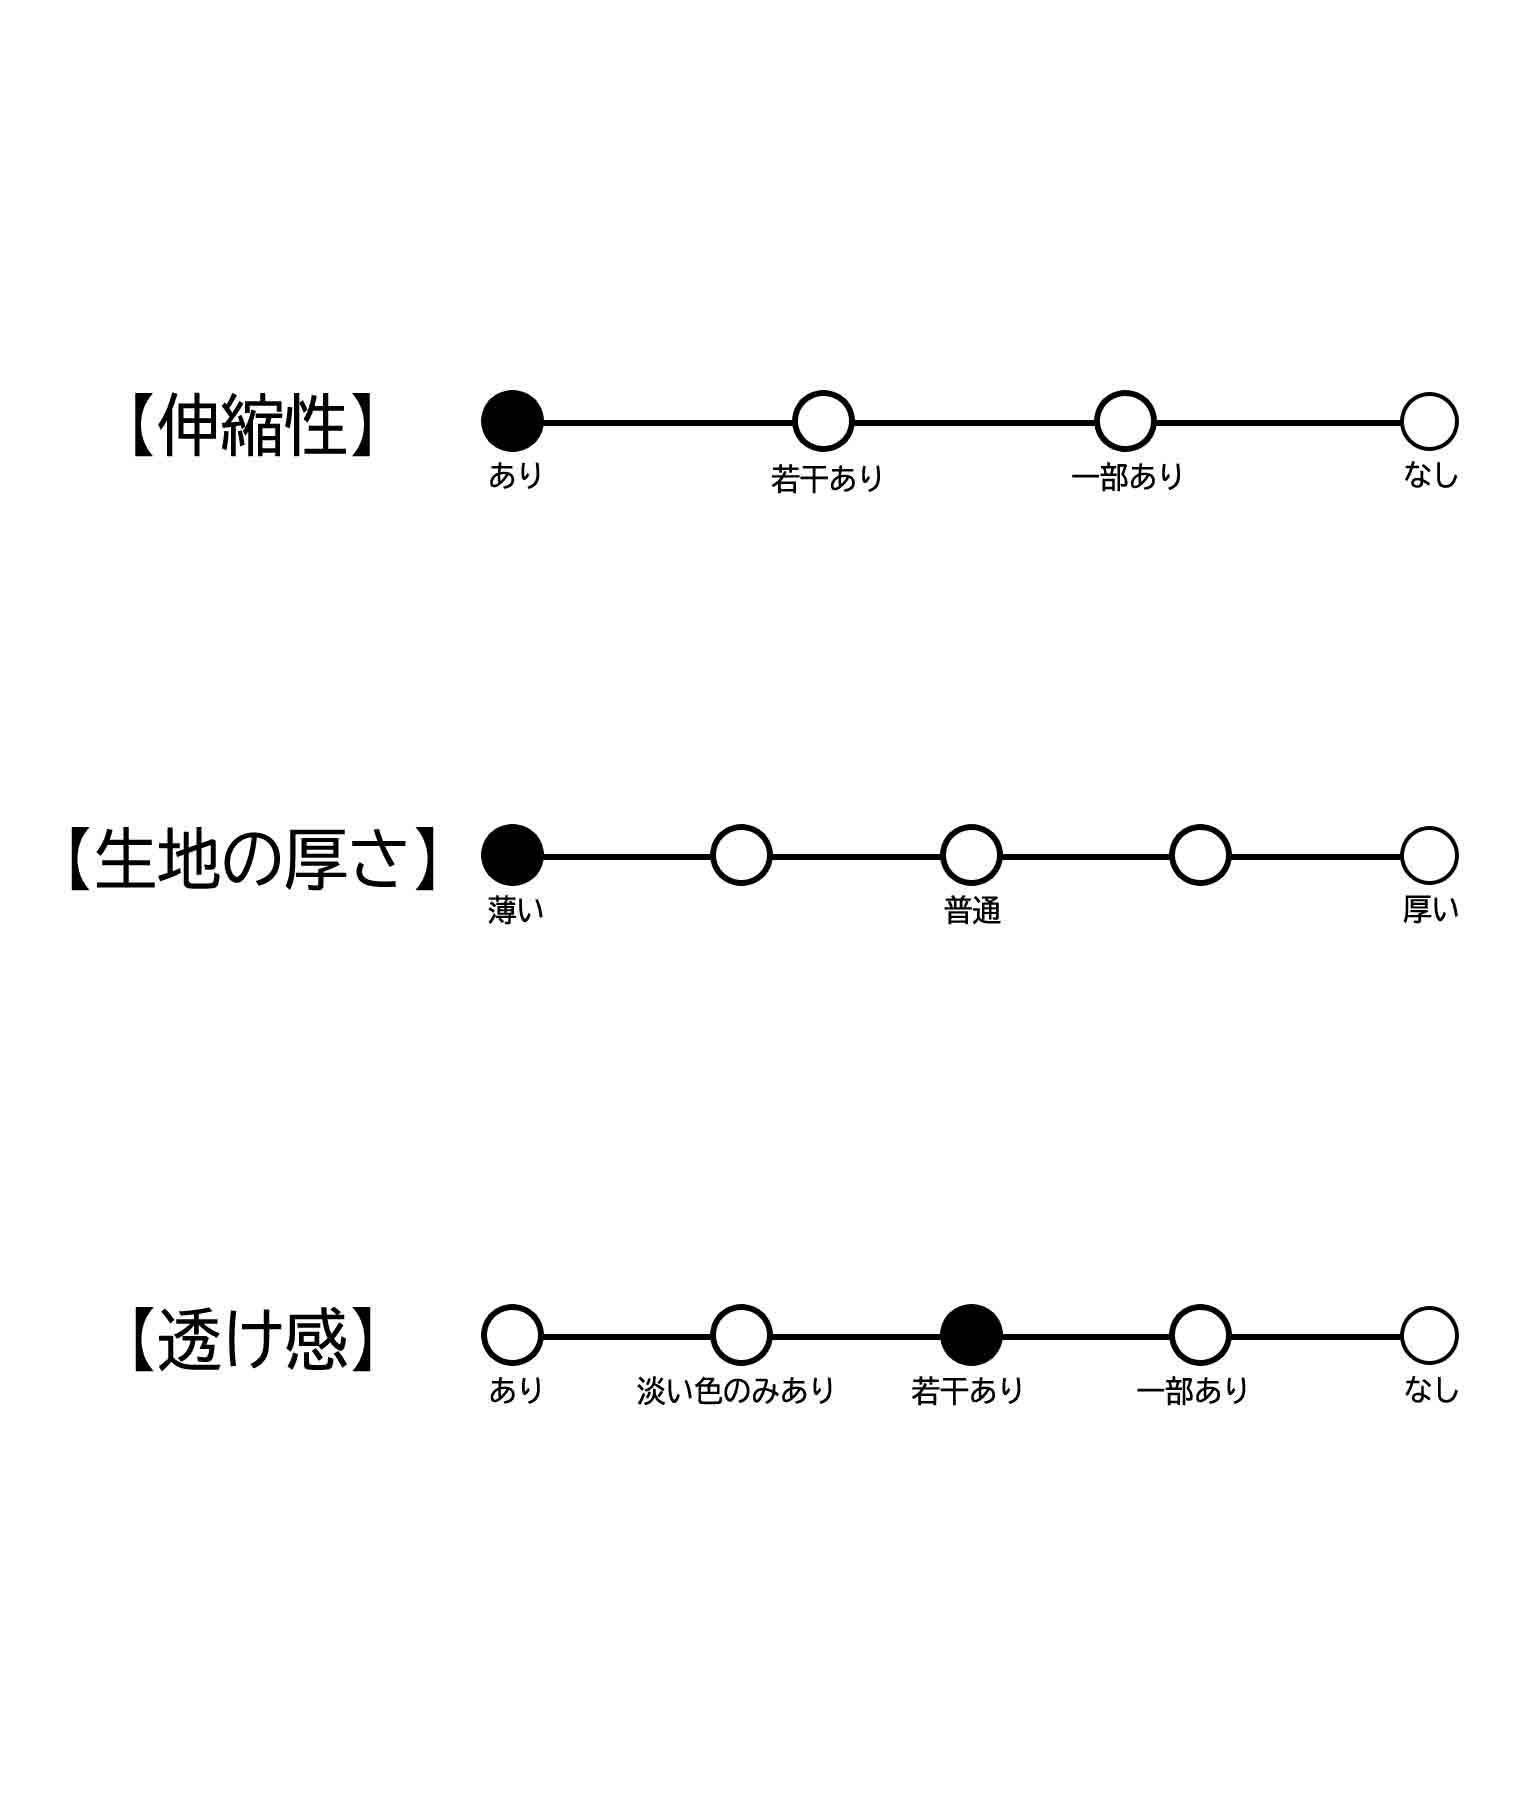 デコルテキレイ見え長袖リブニットトップス(トップス/カットソー ) | CHILLE